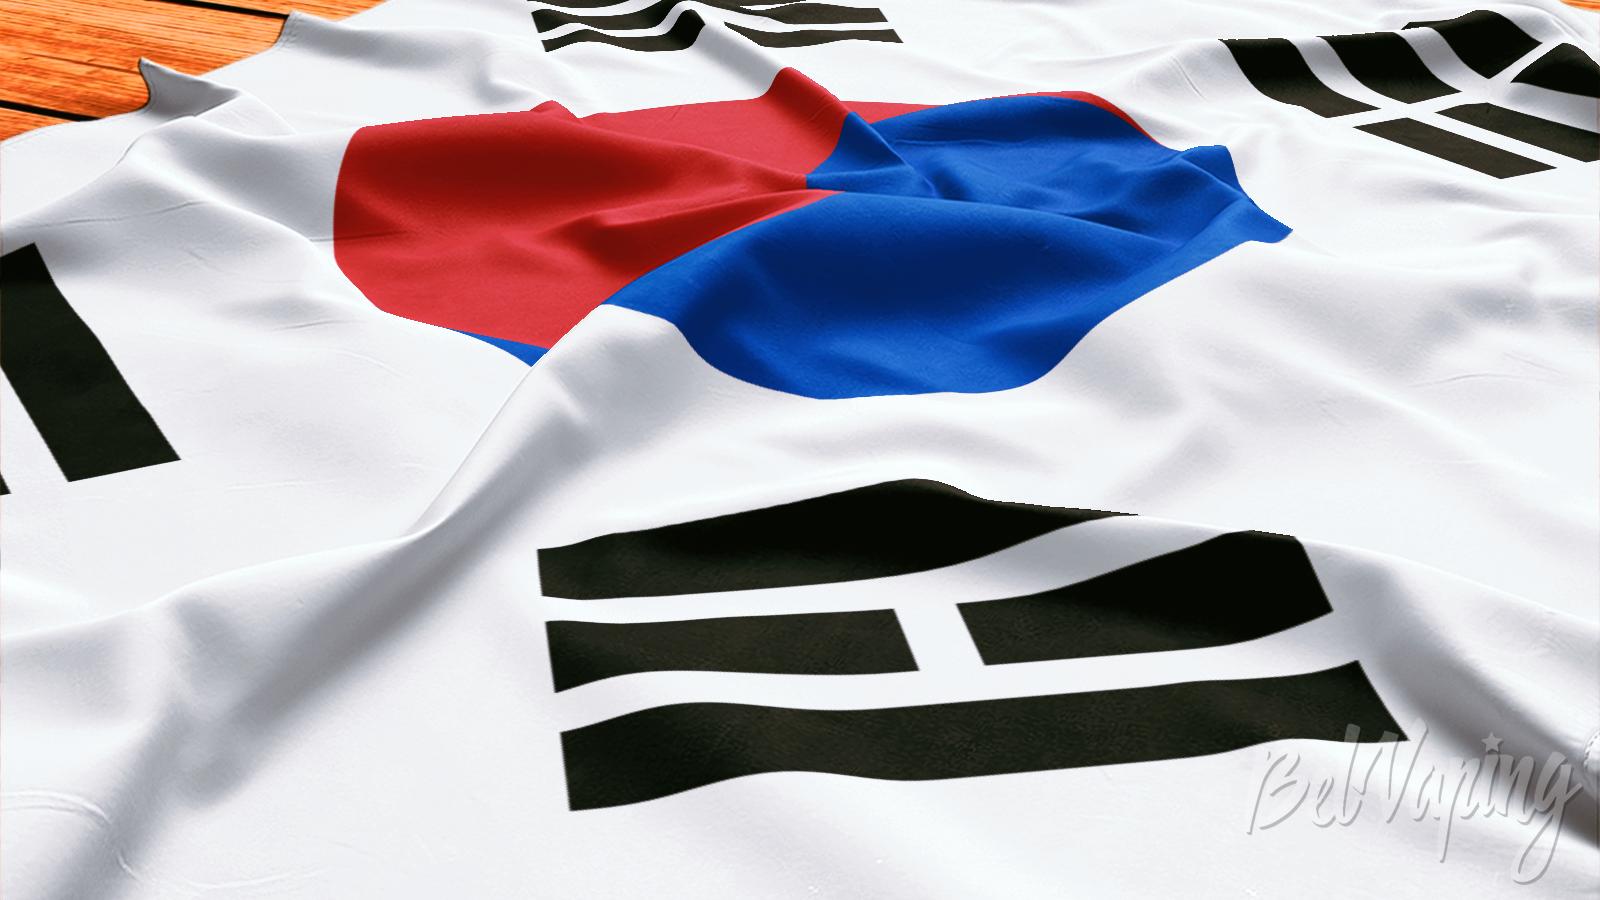 Сделано в Южной Корее